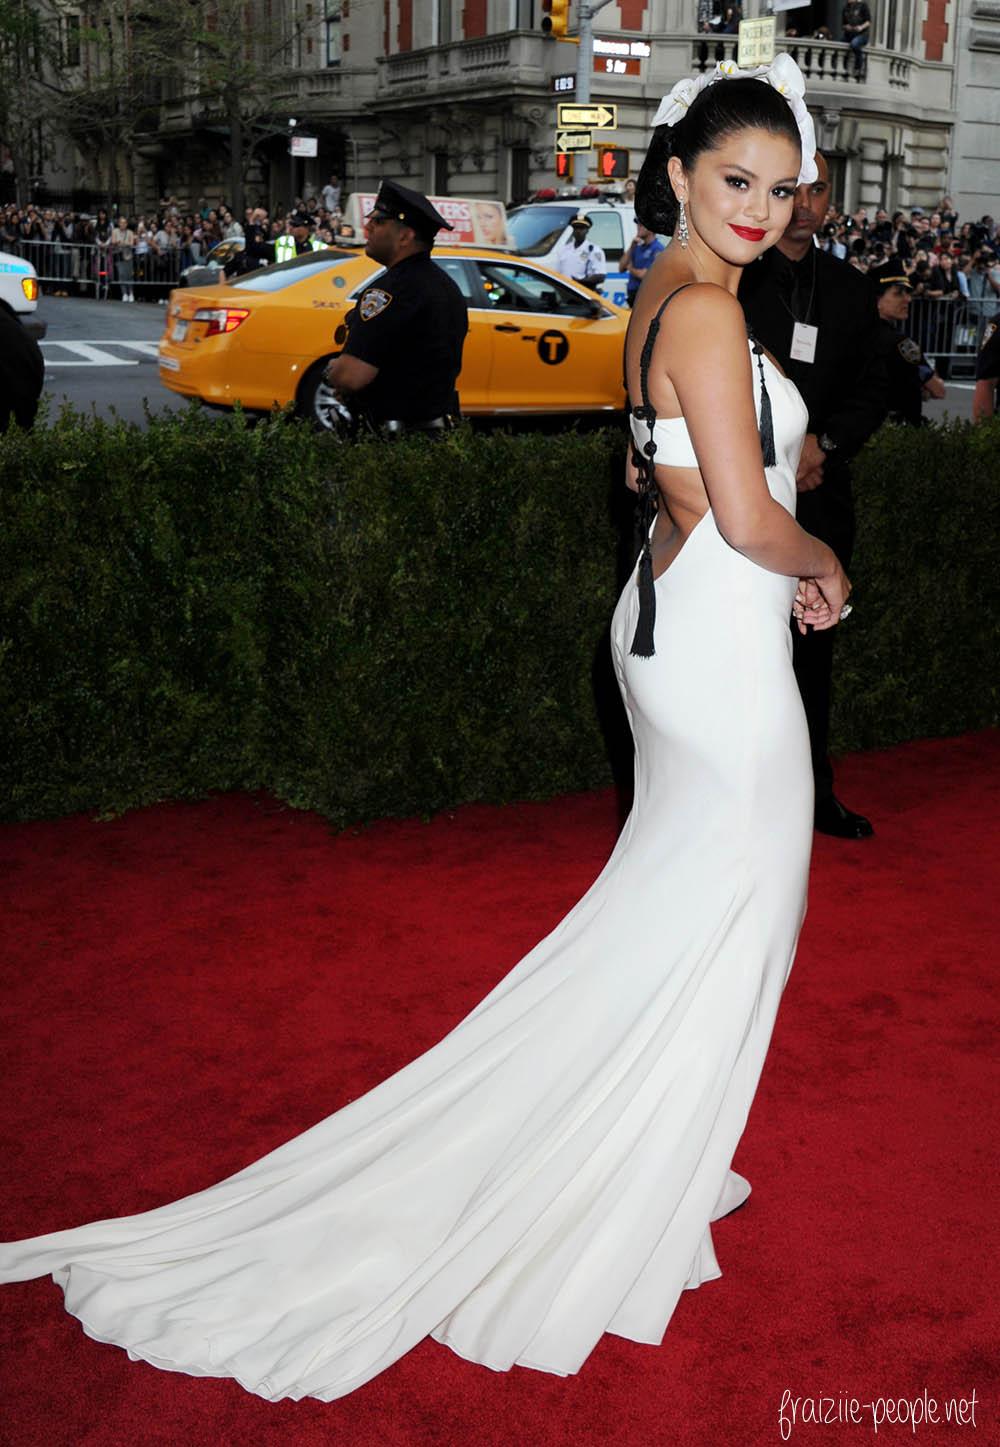 Selena Gomez dans une sublime robe blanche signée Vera Wang.